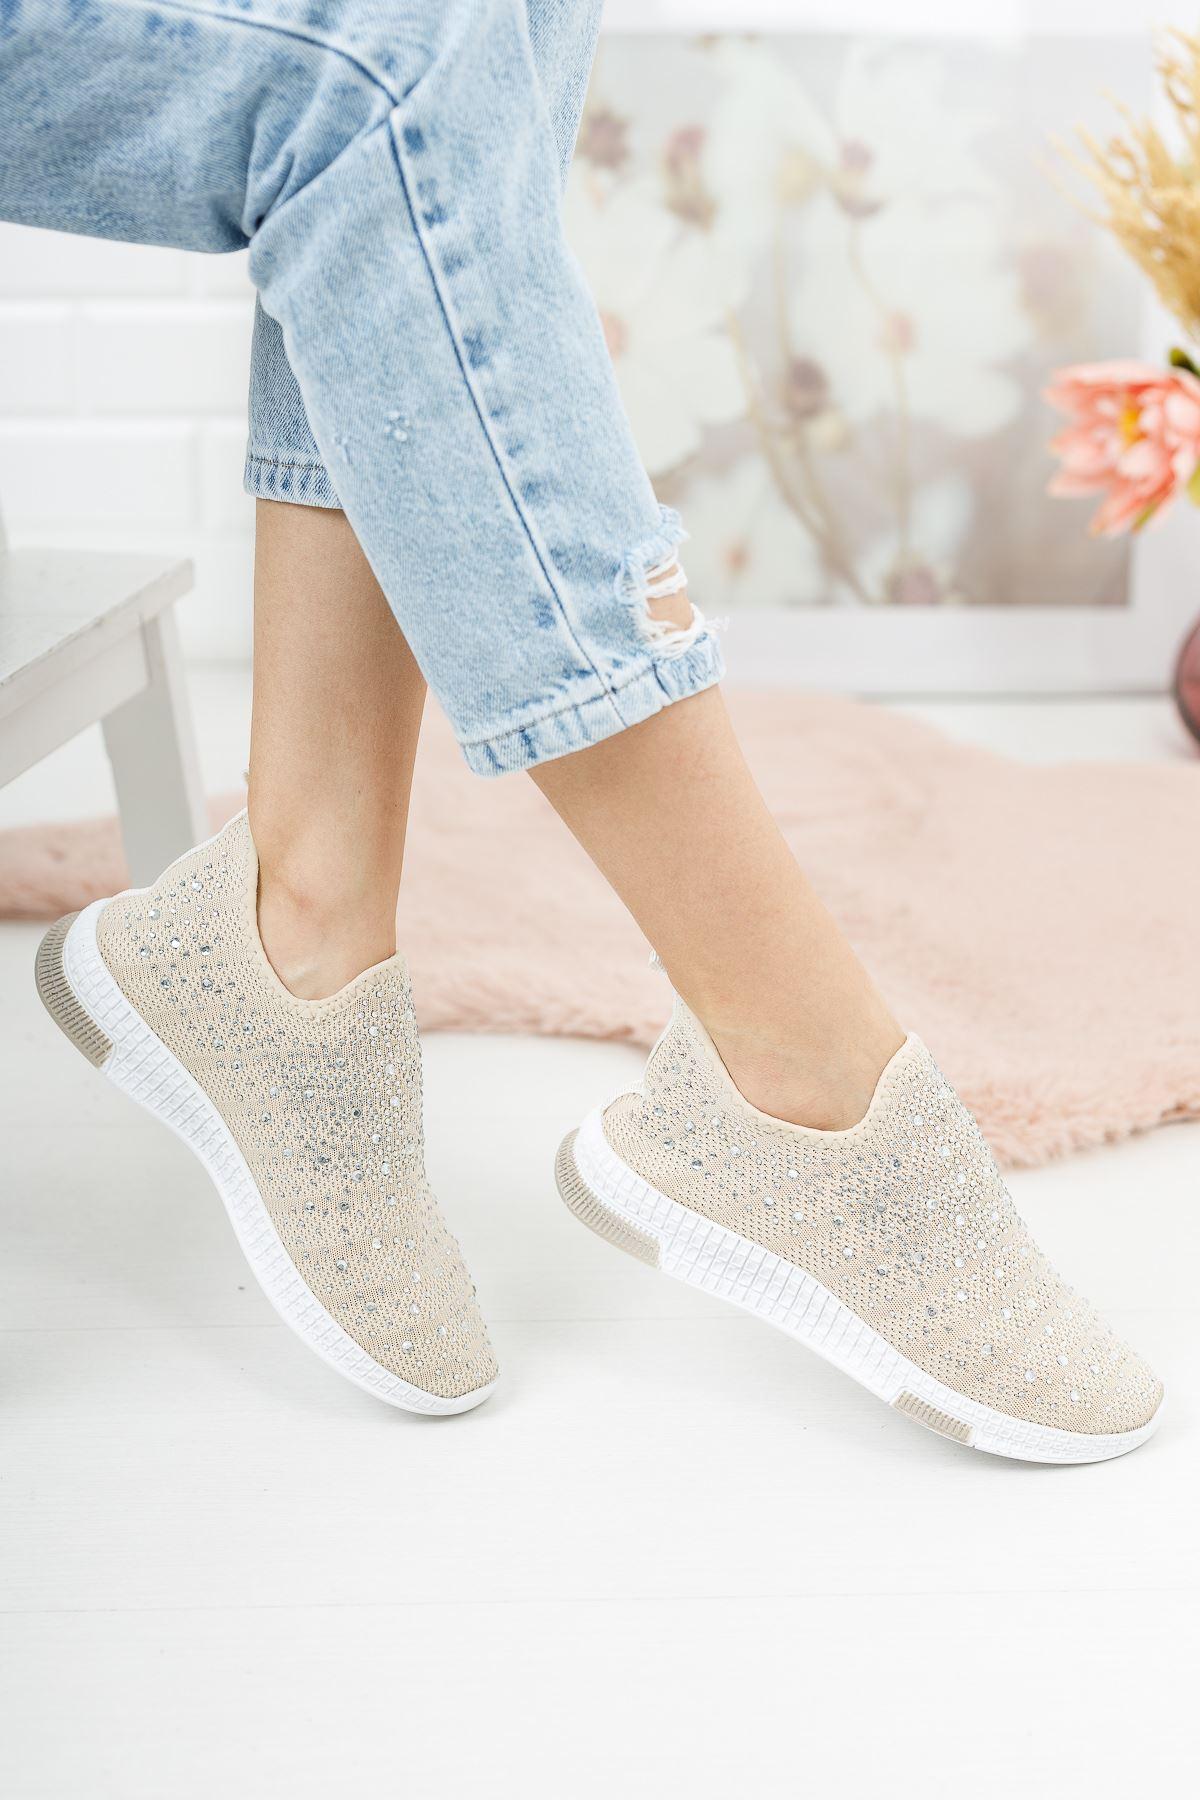 Bej Üstü Taşlı Bağcıksız Spor Ayakkabı